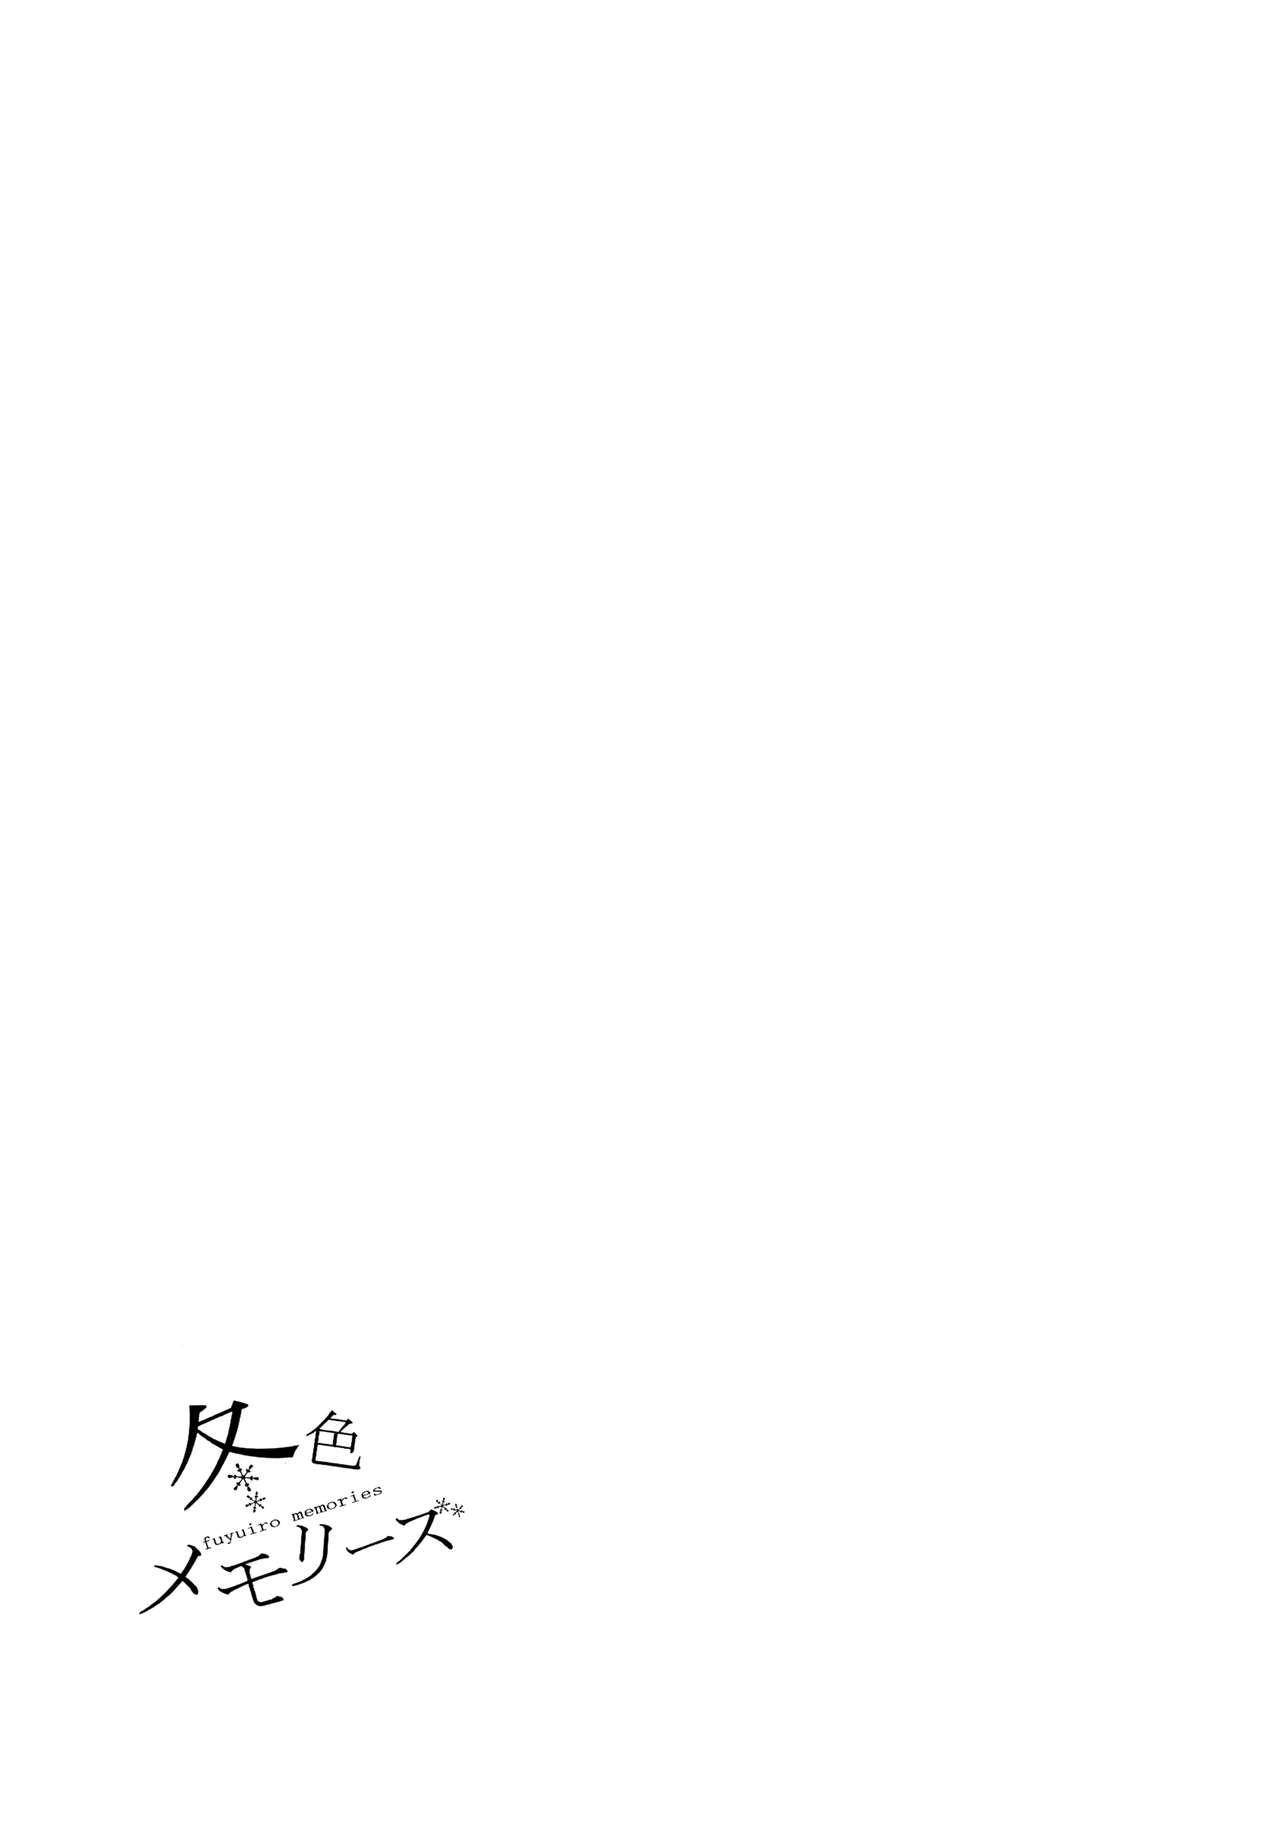 Fuyuiro Memories - Winter Color Memories 36